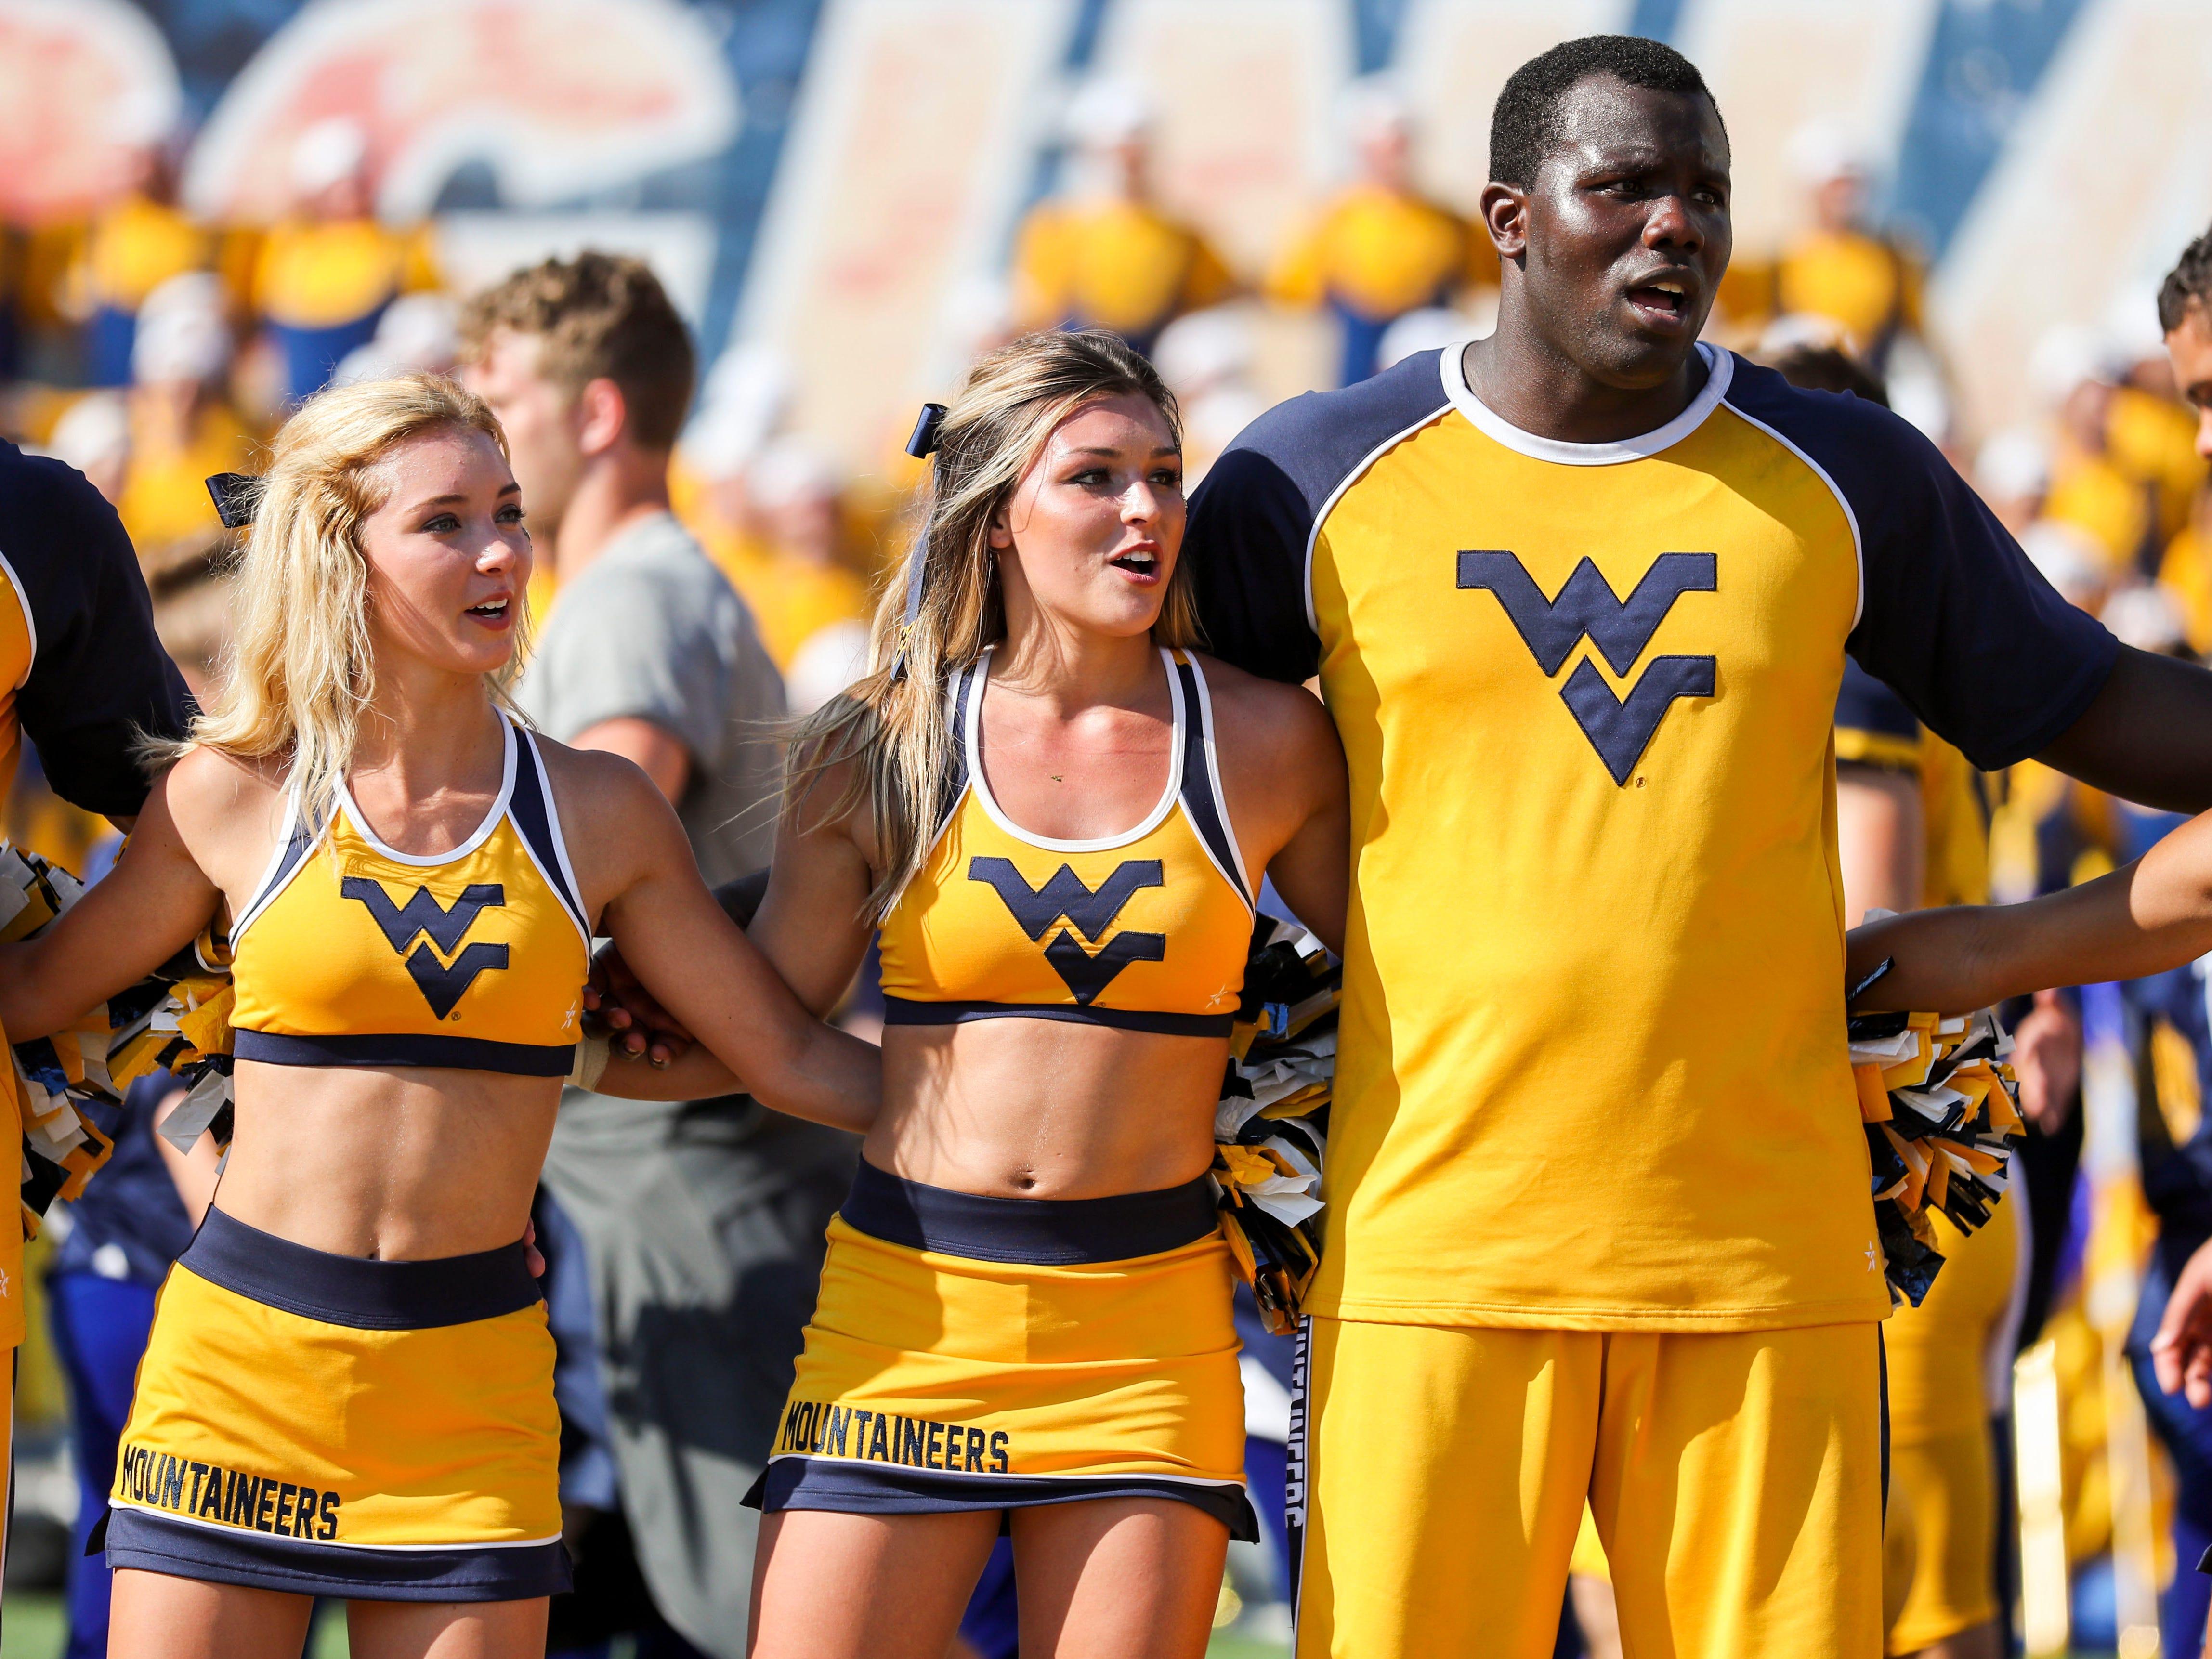 Week 6: West Virginia Mountaineers cheerleaders celebrate after beating the Kansas Jayhawks at Mountaineer Field at Milan Puskar Stadium.